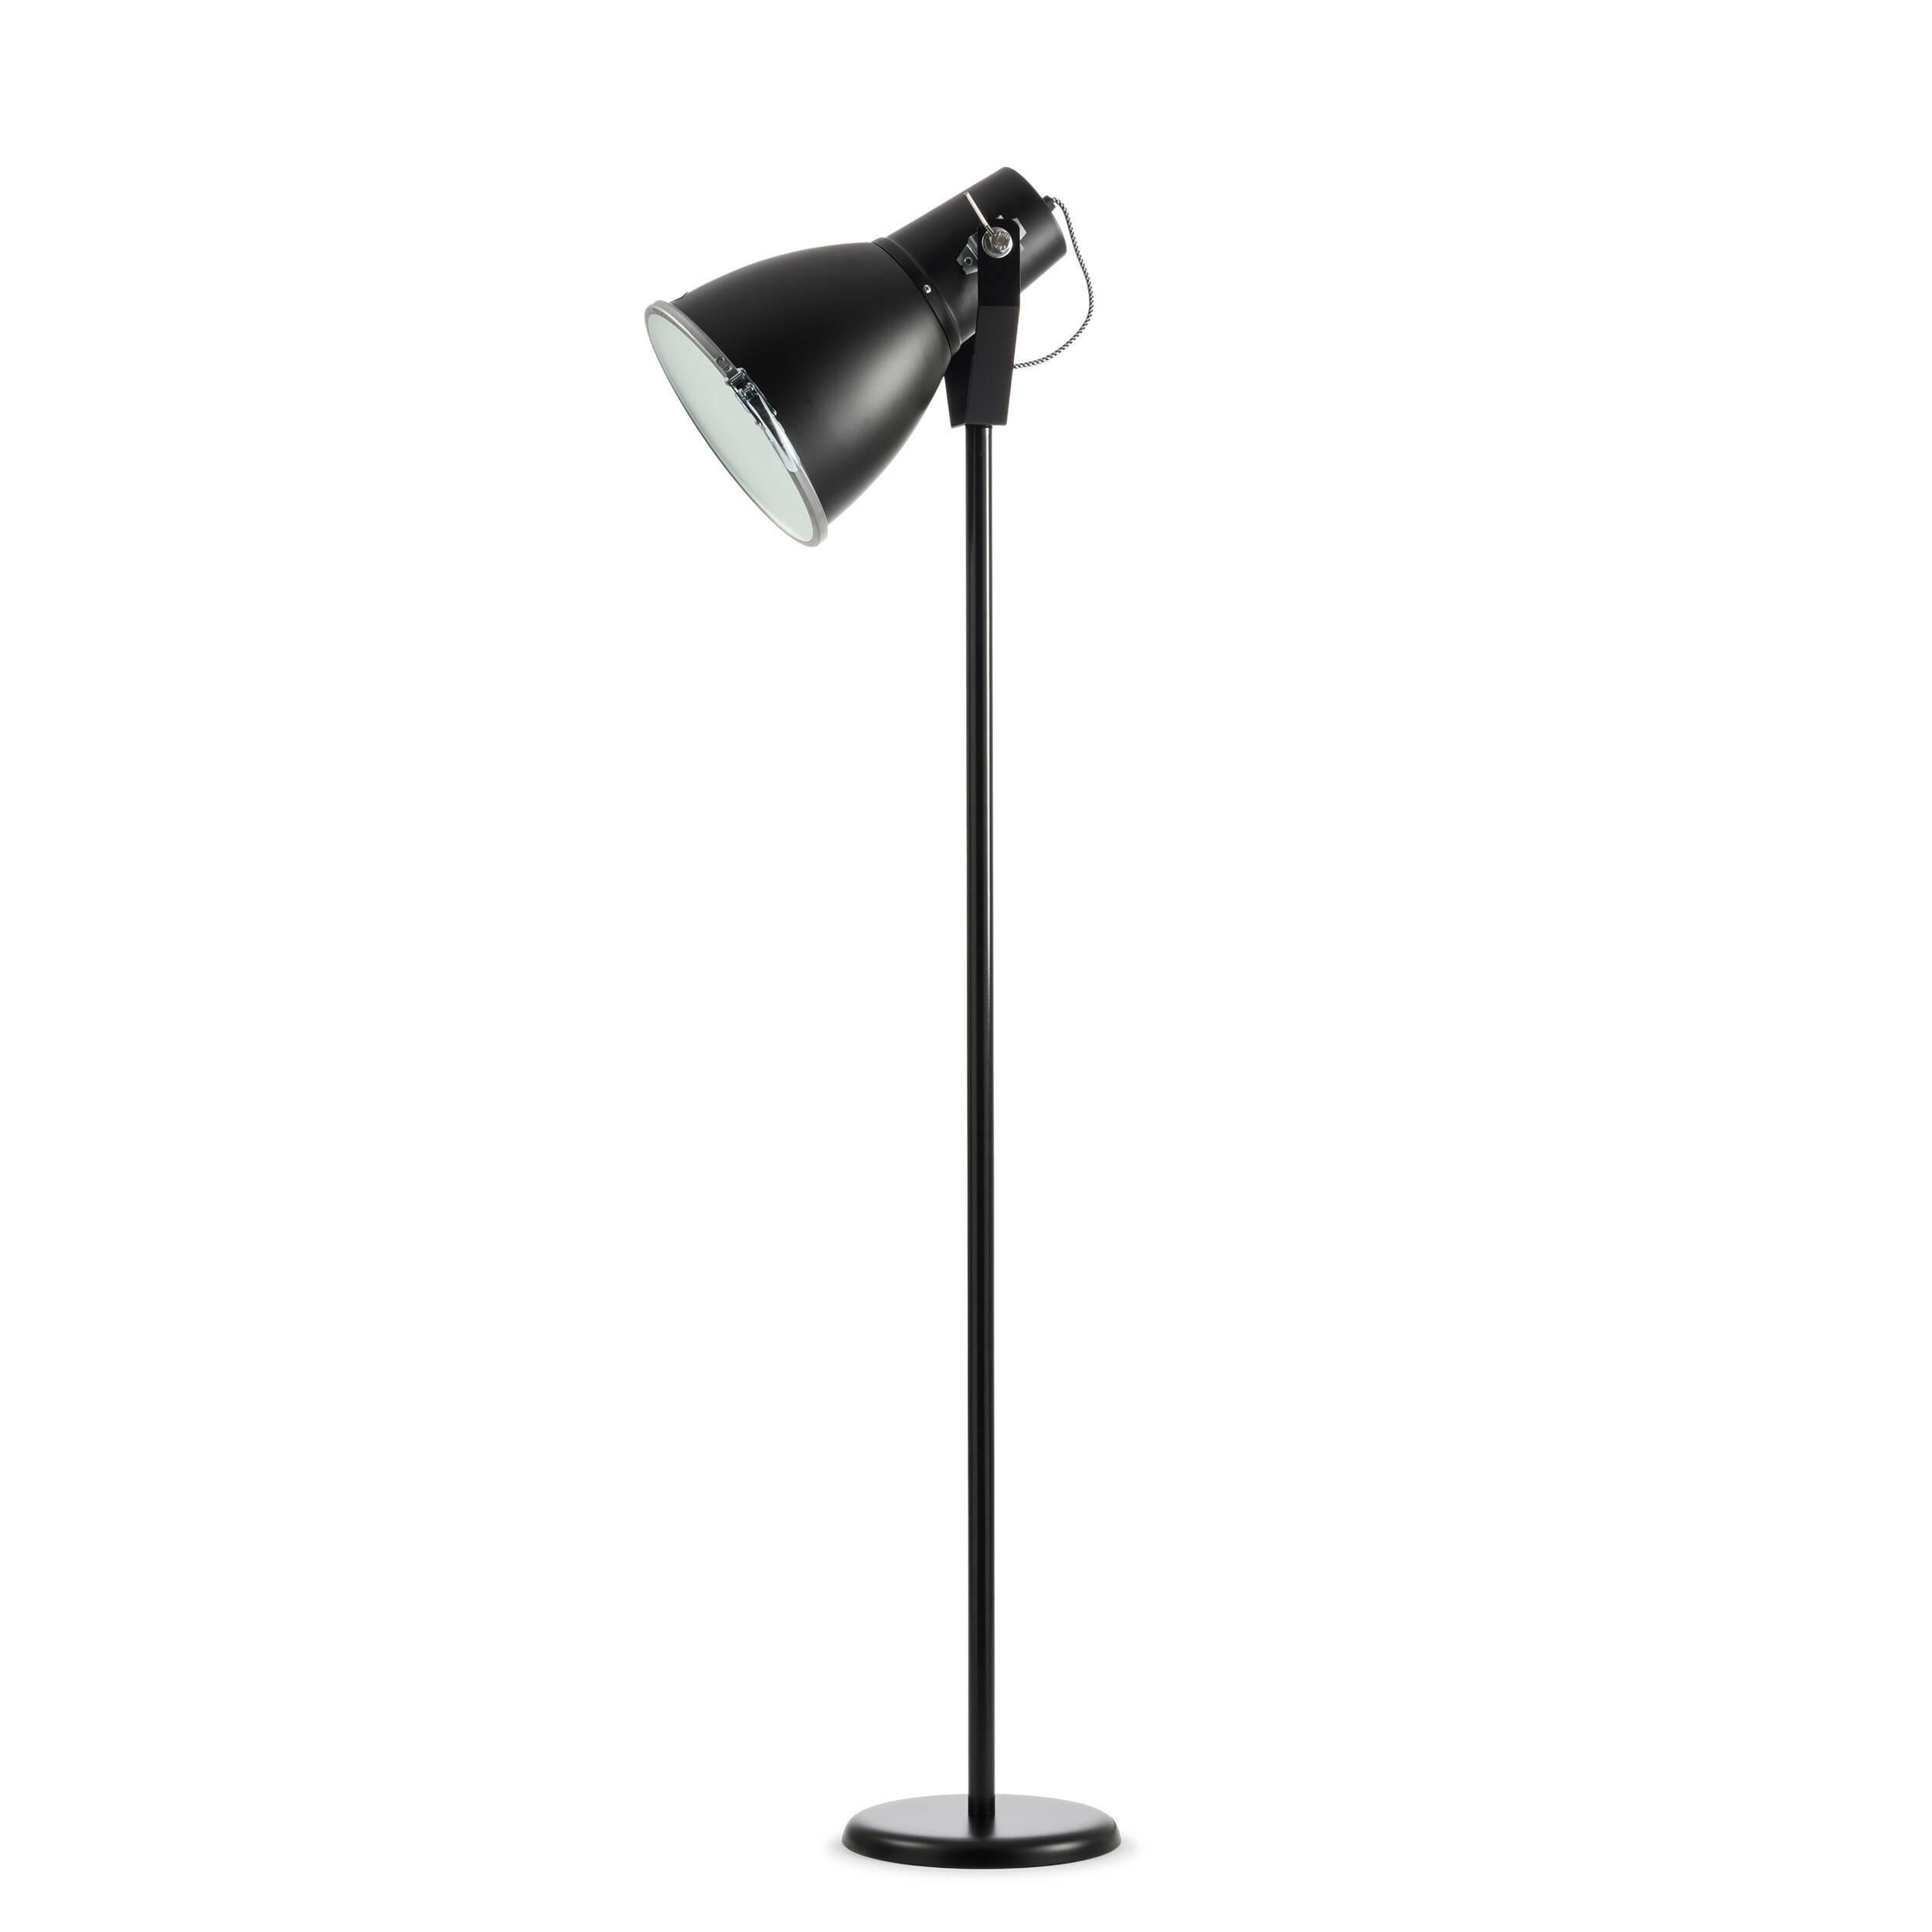 Напольный светильник StirrupНапольные<br>Напольный светильник Stirrup — это лампа, вдохновением для создания которой послужил маленький прожектор в кузове игрушечного грузовика. Эта идея легла в основу создания коллекции Stirrup — совершеннейшего шика индустриального дизайна.<br><br><br><br><br><br> Напольный светильник Stirrup может быть легко интегрирован во многие интерьерные решения.<br><br>stock: 1<br>Высота: 140<br>Диаметр: 23.5<br>Материал абажура: Алюминий<br>Мощность лампы: 60<br>Ламп в комплекте: Нет<br>Тип лампы/цоколь: E27<br>Цвет абажура: Черный